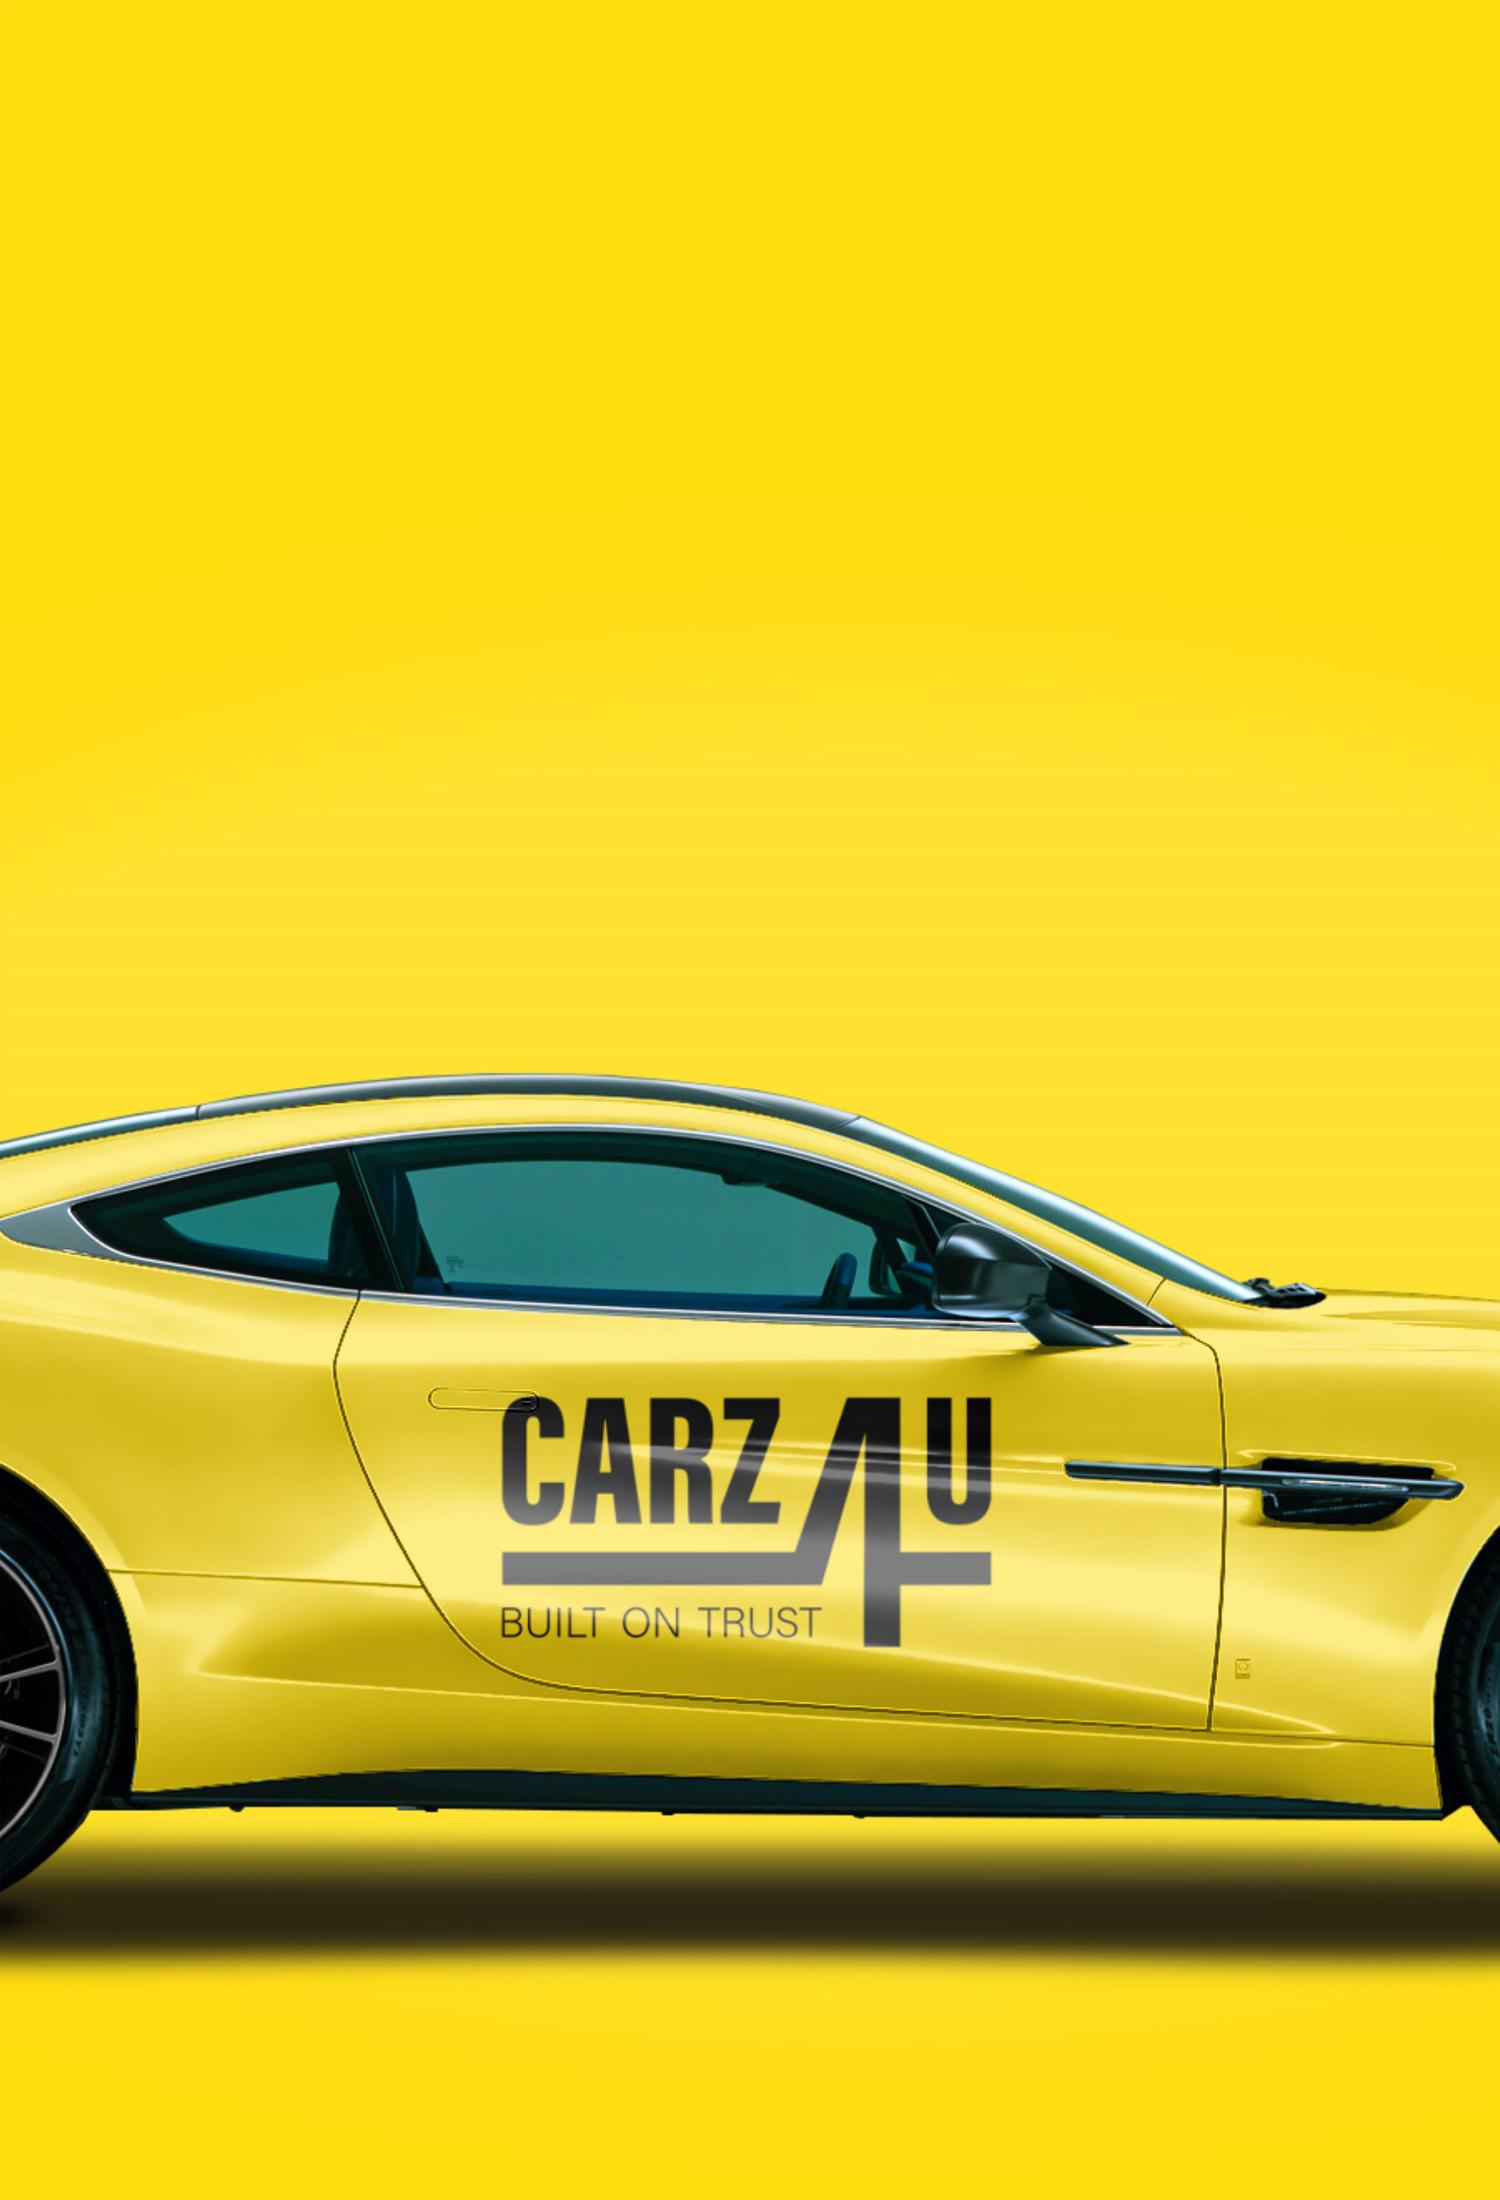 carz4u branding